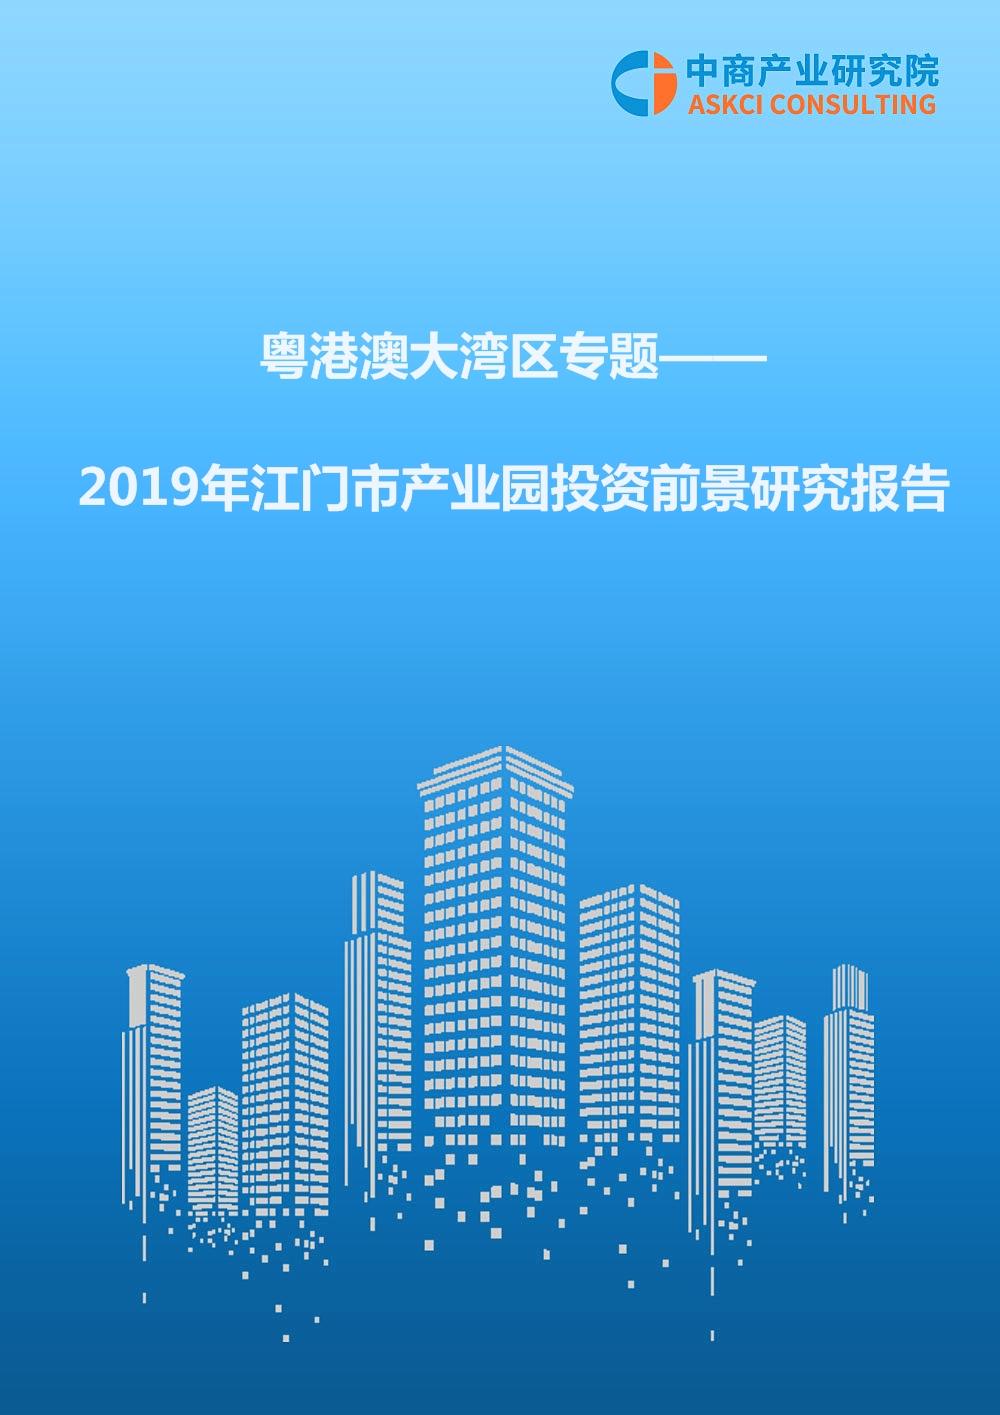 粤港澳大湾区专题— 2019年江门市产业园投资前景研究报告